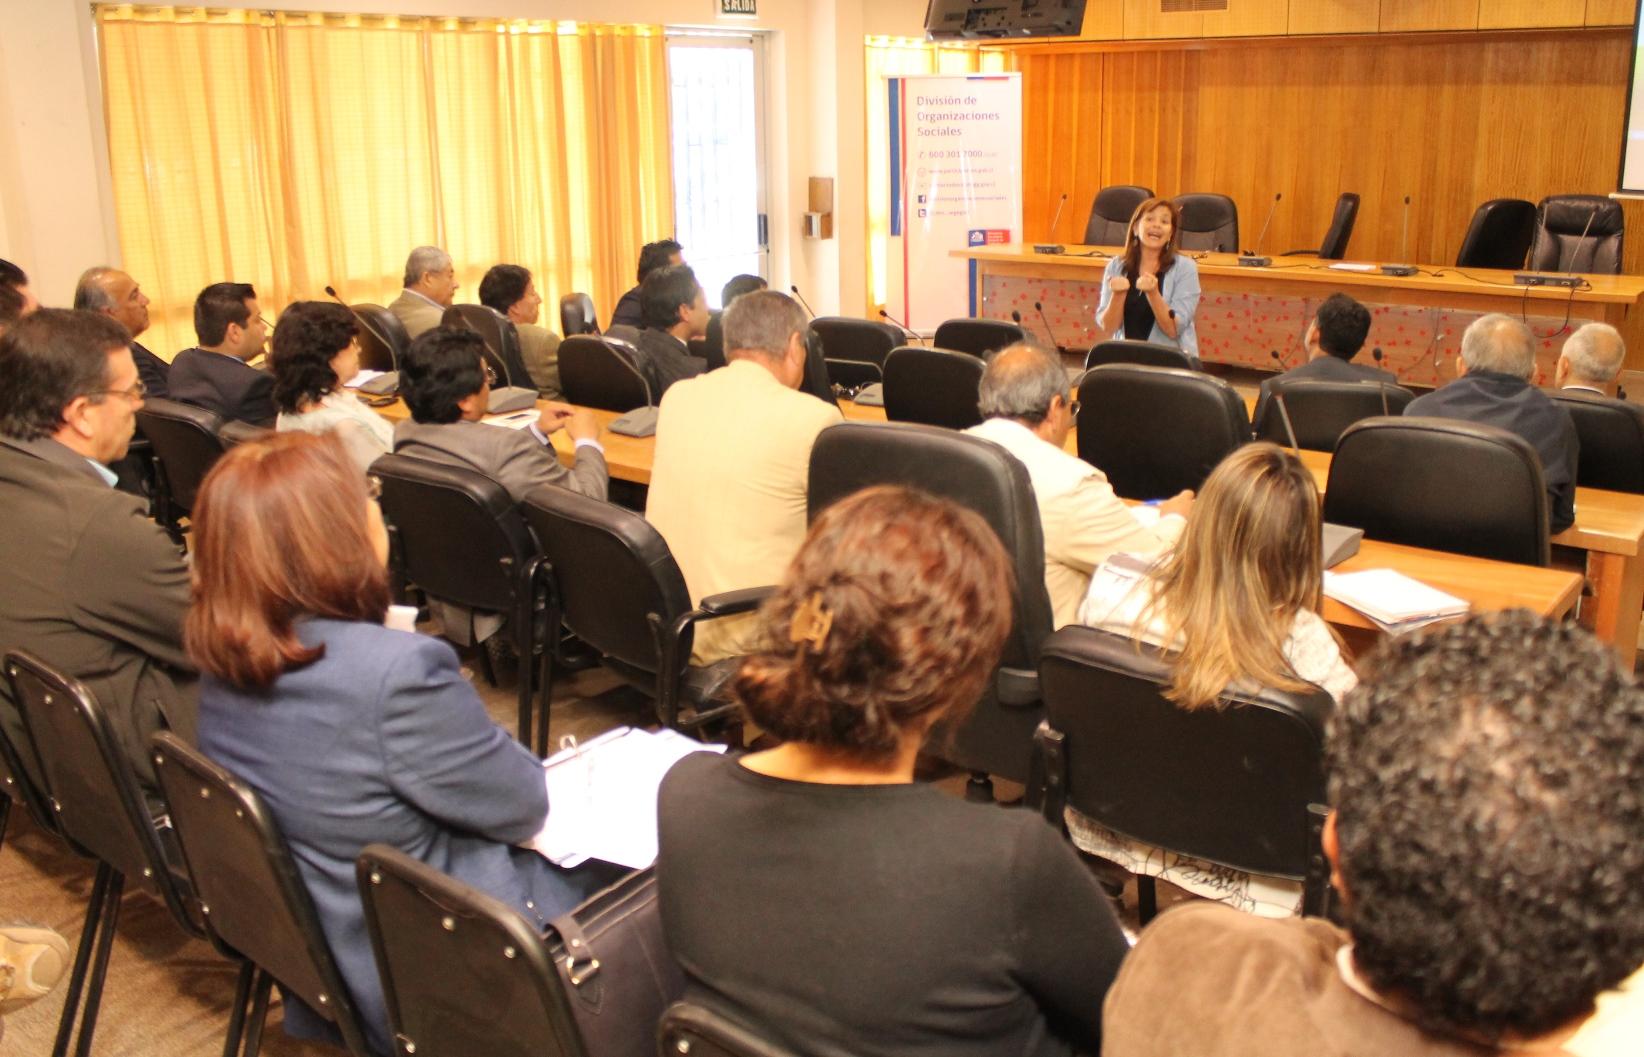 Autoridades y funcionarios públicos vivieron jornada orientada al fortalecimiento de la Diversidad